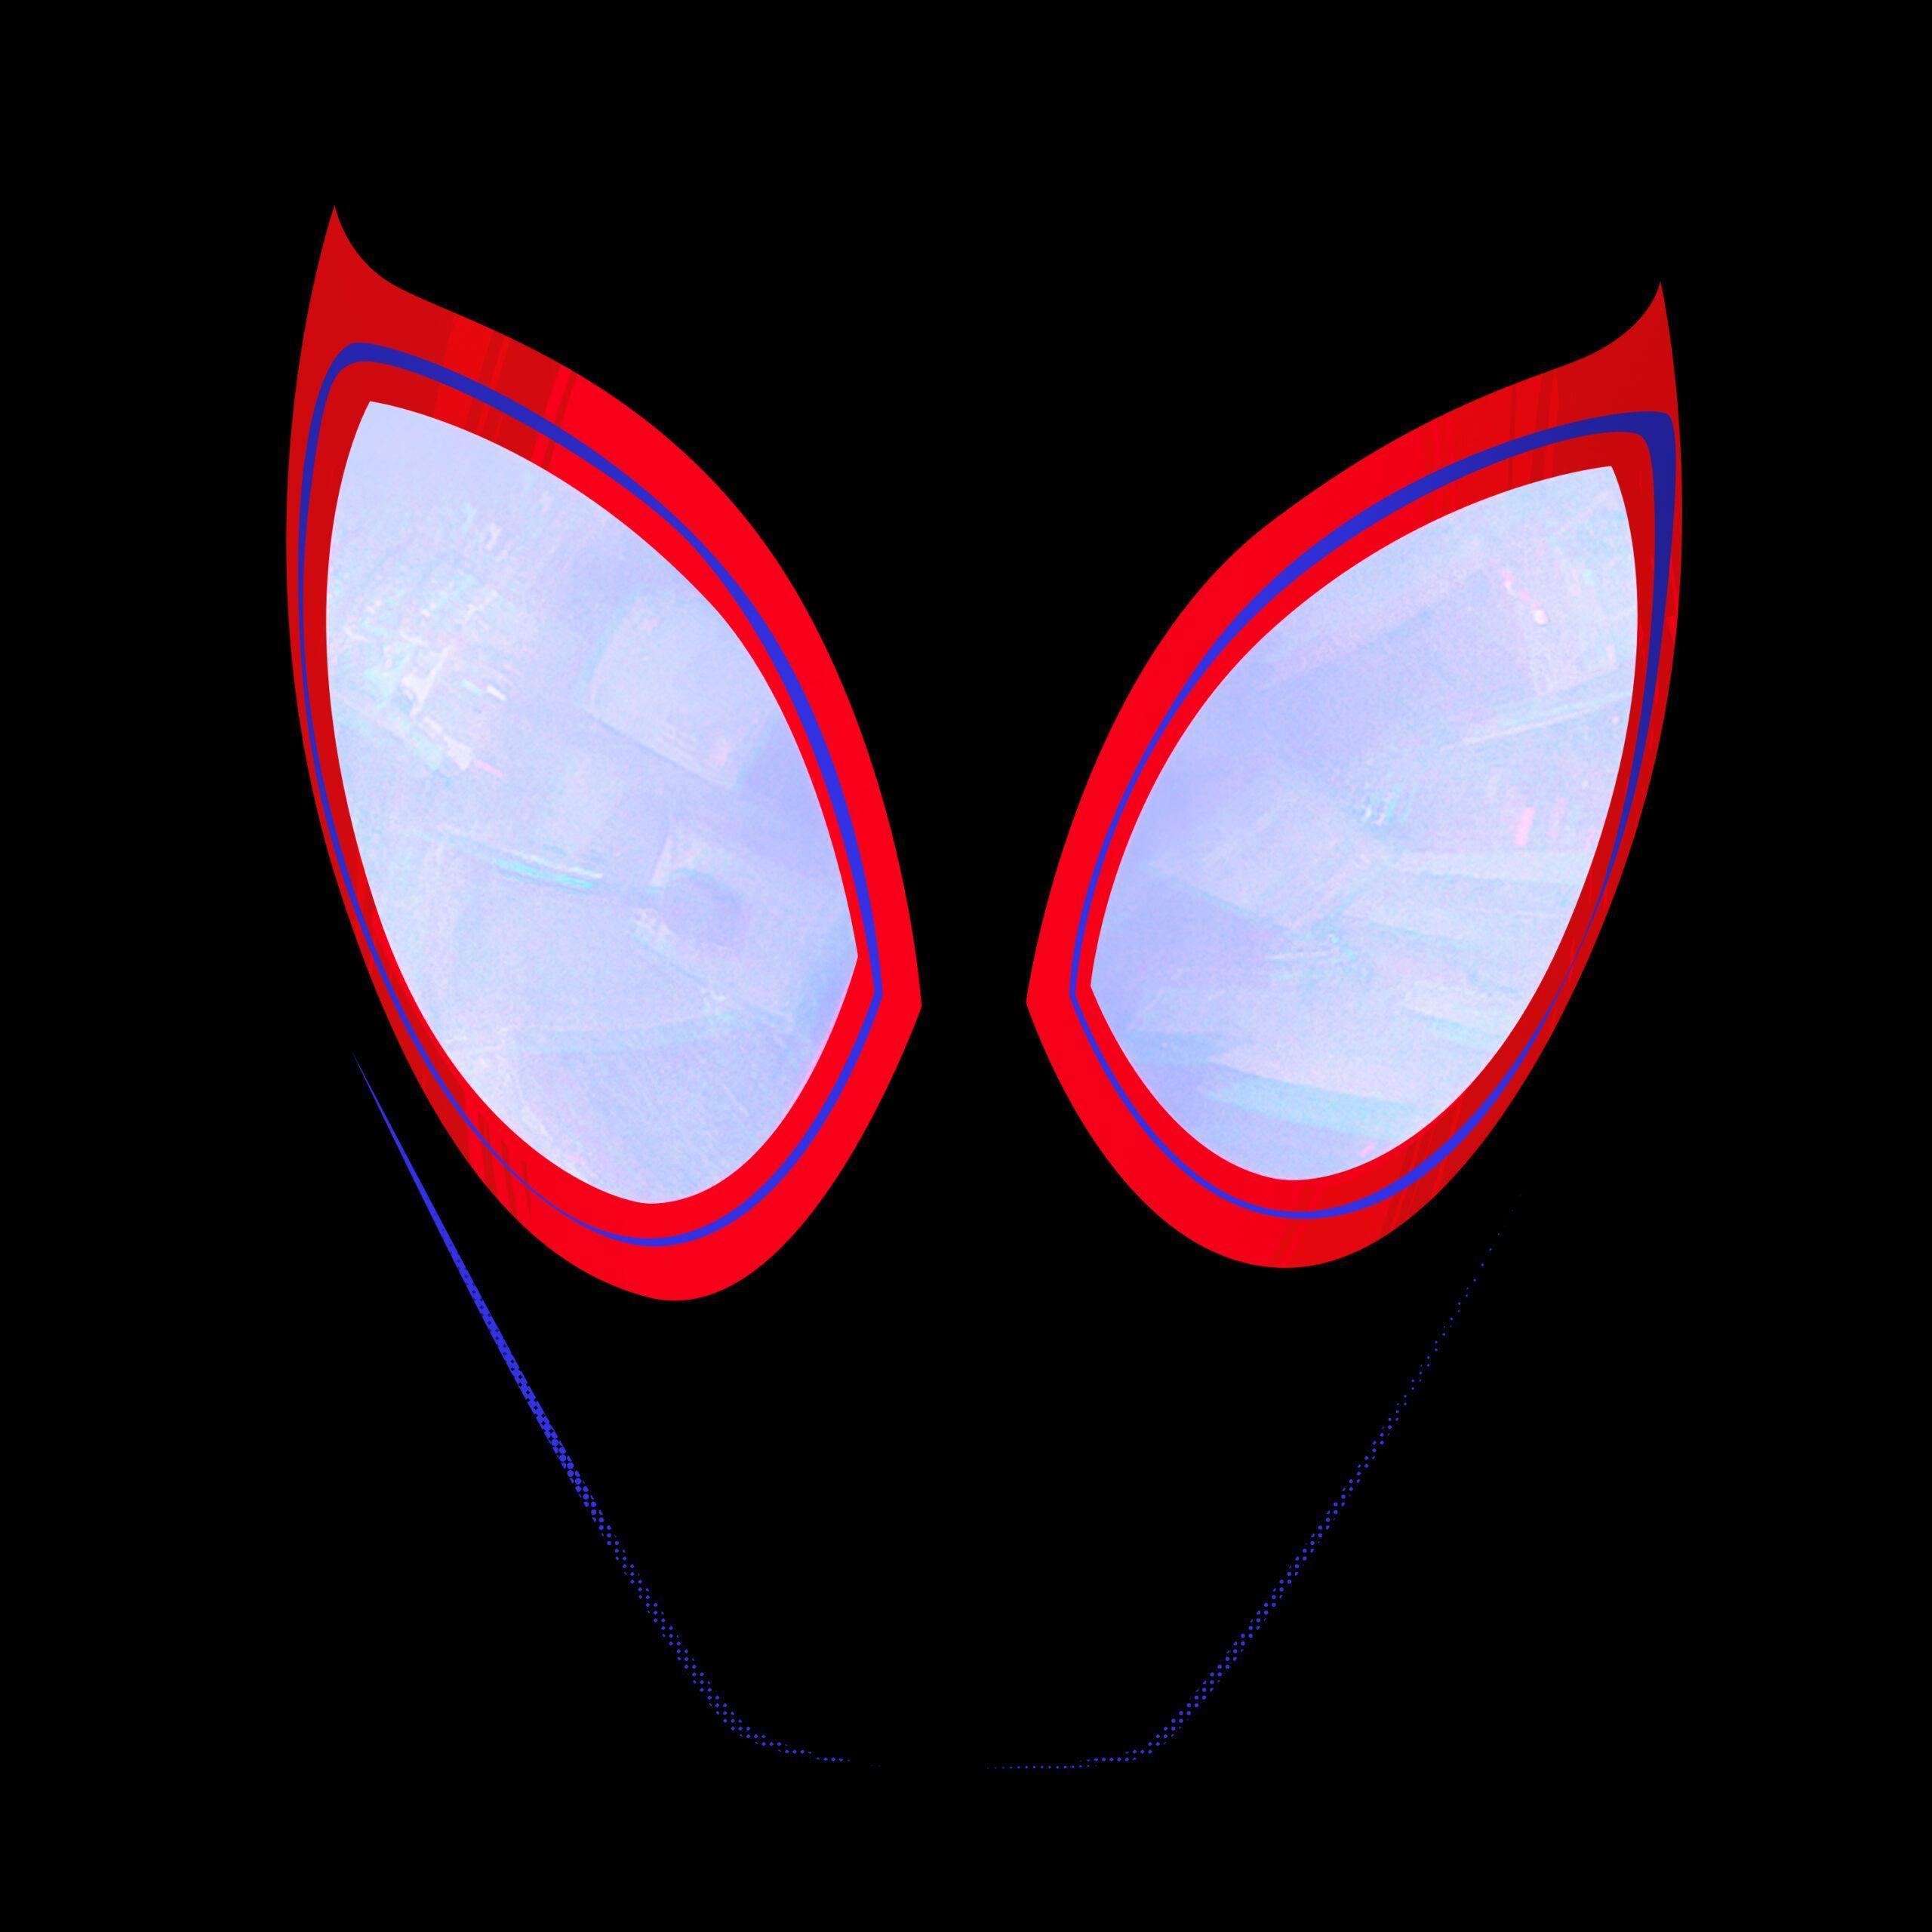 whats_up_danger_black_caviar_remix.jpg